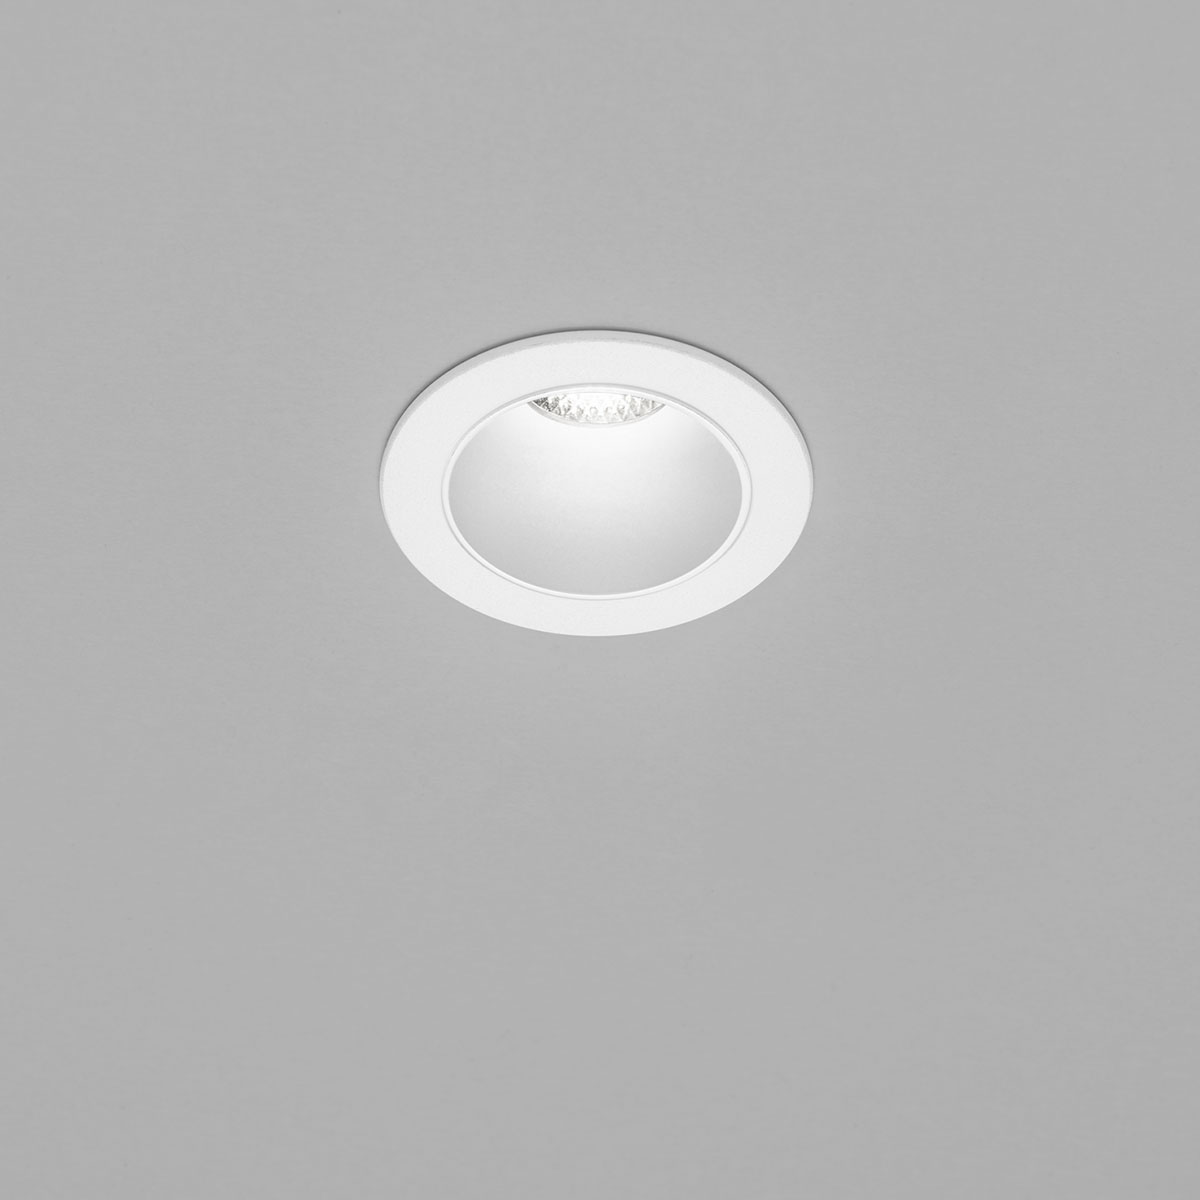 Helestra Pic LED Deckeneinbaustrahler, rund, weiß